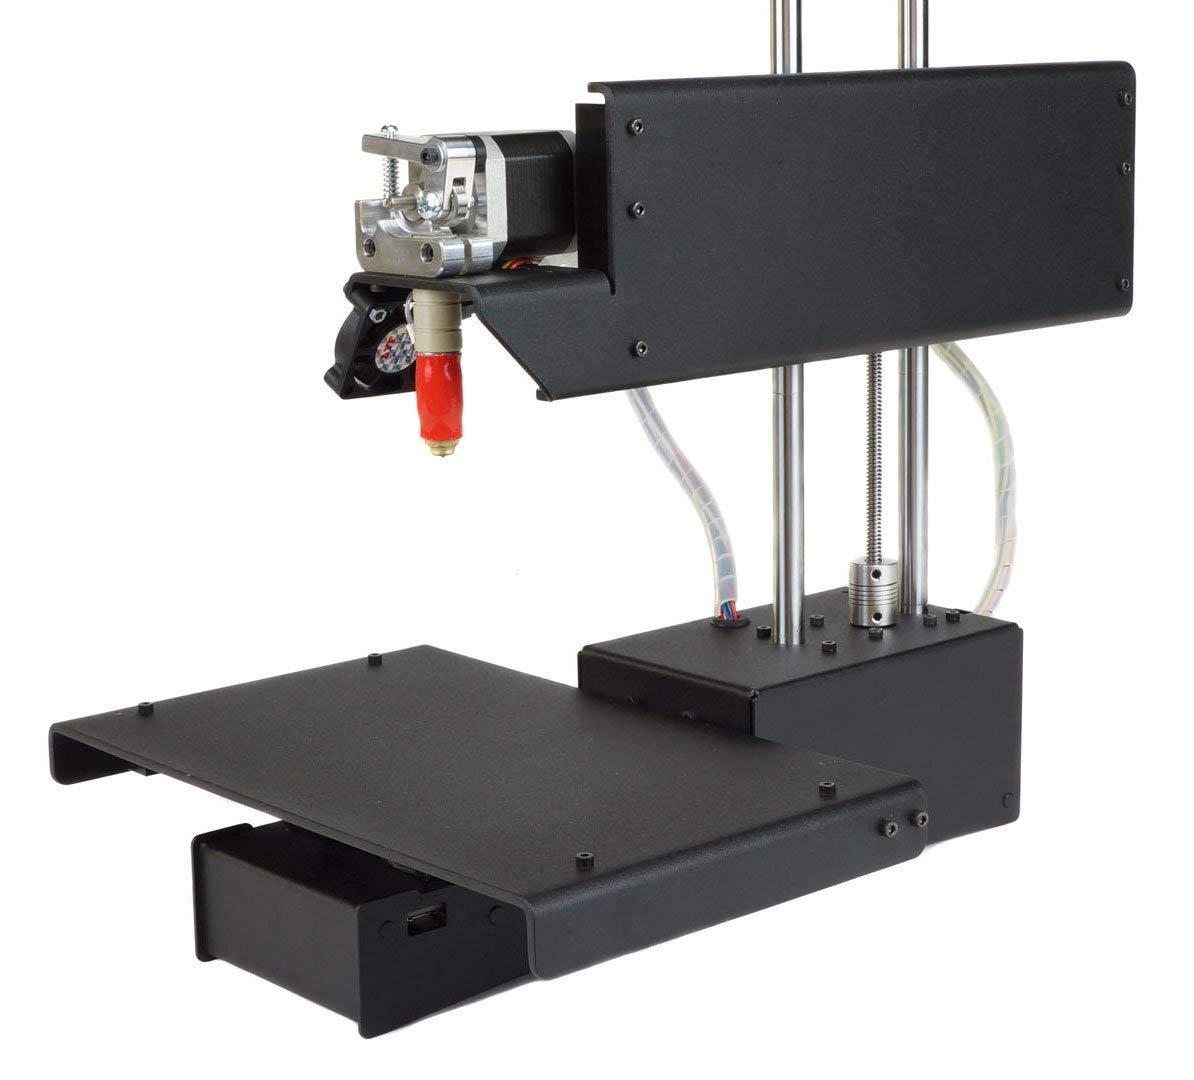 Printrbot Assembled Metal Simple 3D Printer